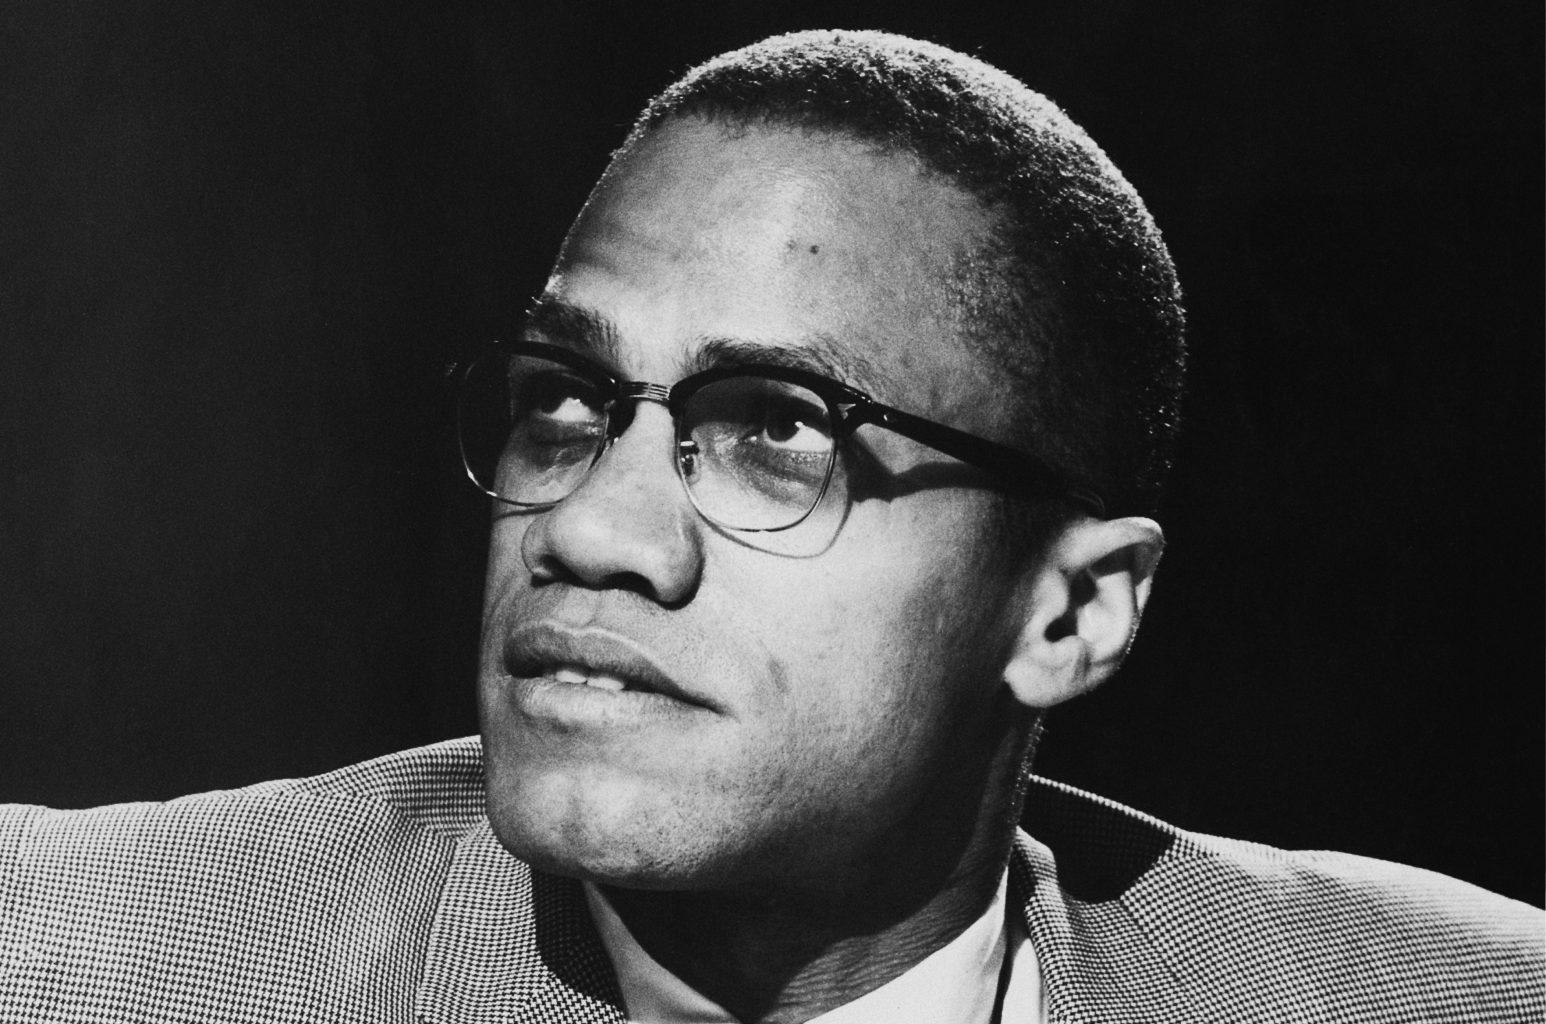 55 anni dopo, tutto quello che sappiamo dell'assassinio di Malcolm X è sbagliato